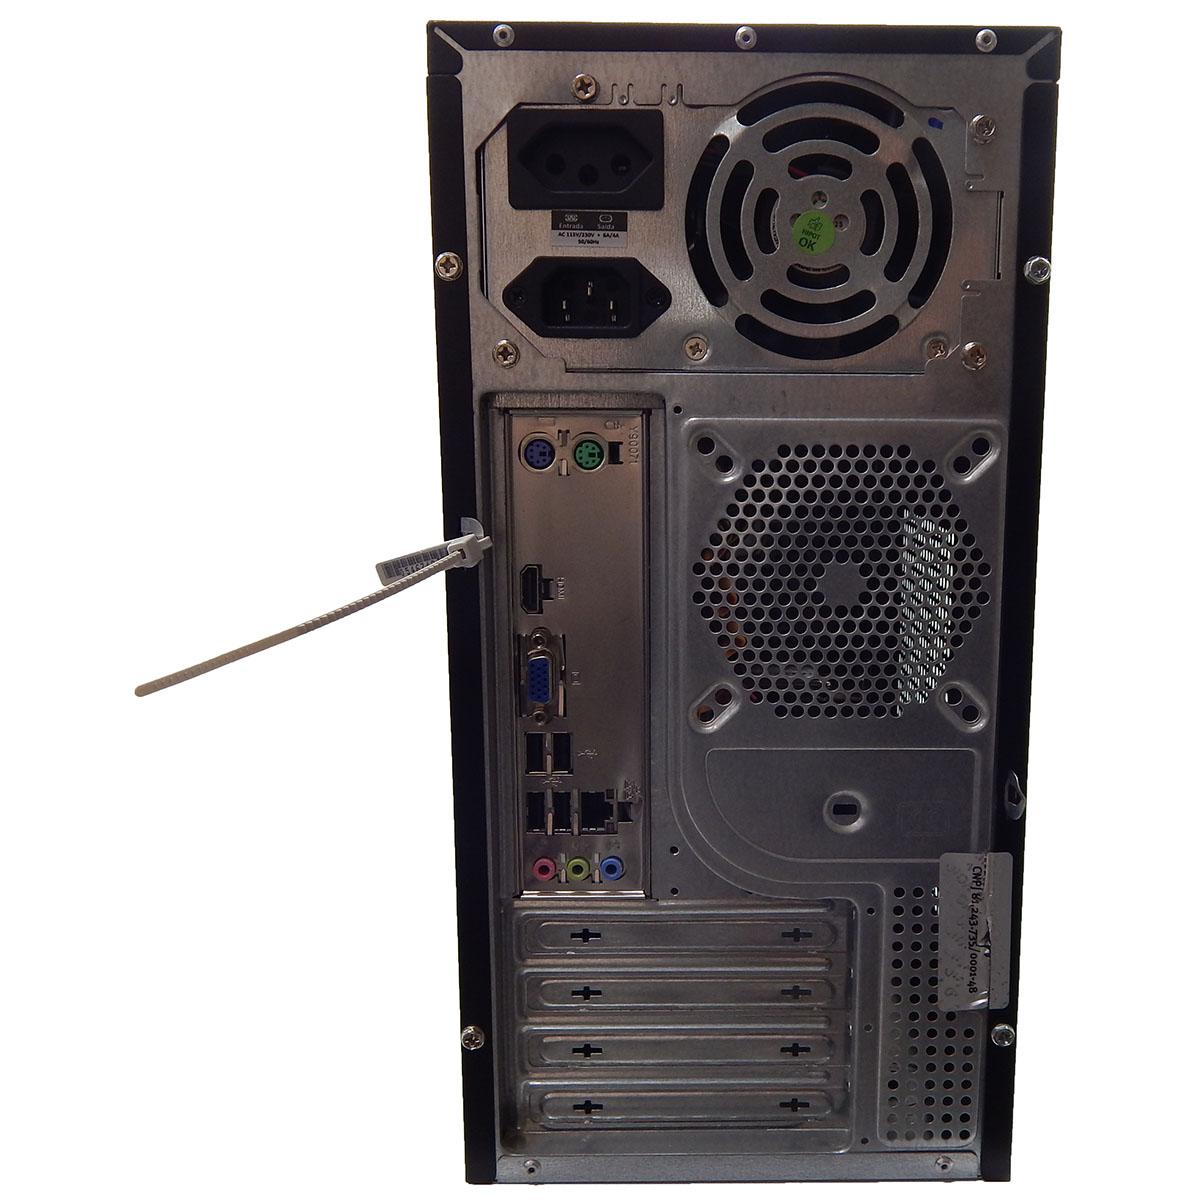 PC SIM+ CEL. G530/4G/320 - 1020319 - Reembalado